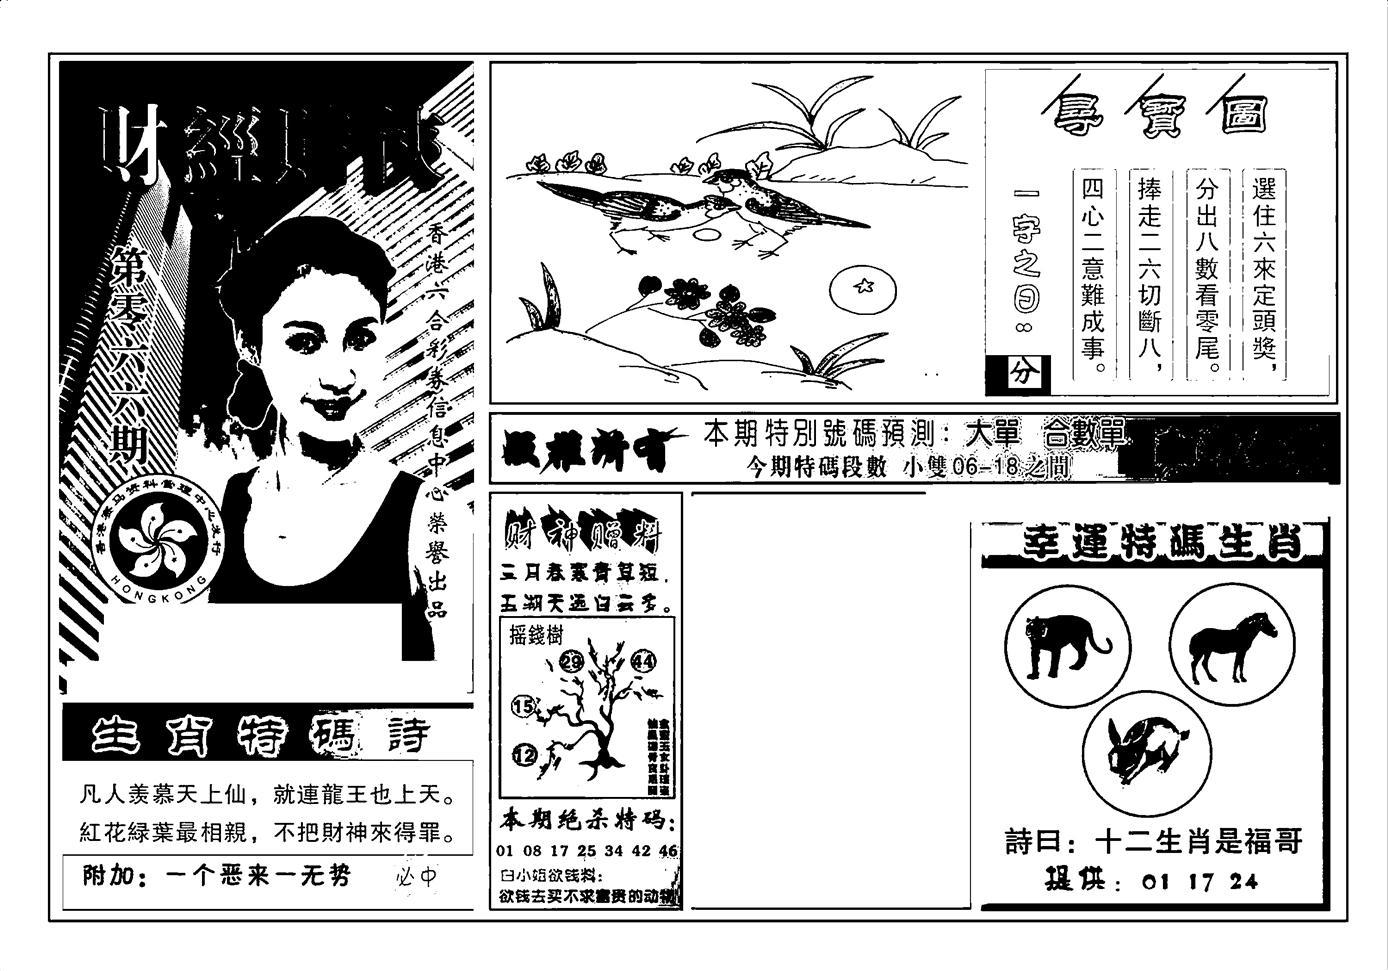 066期六合彩大三元(黑白)